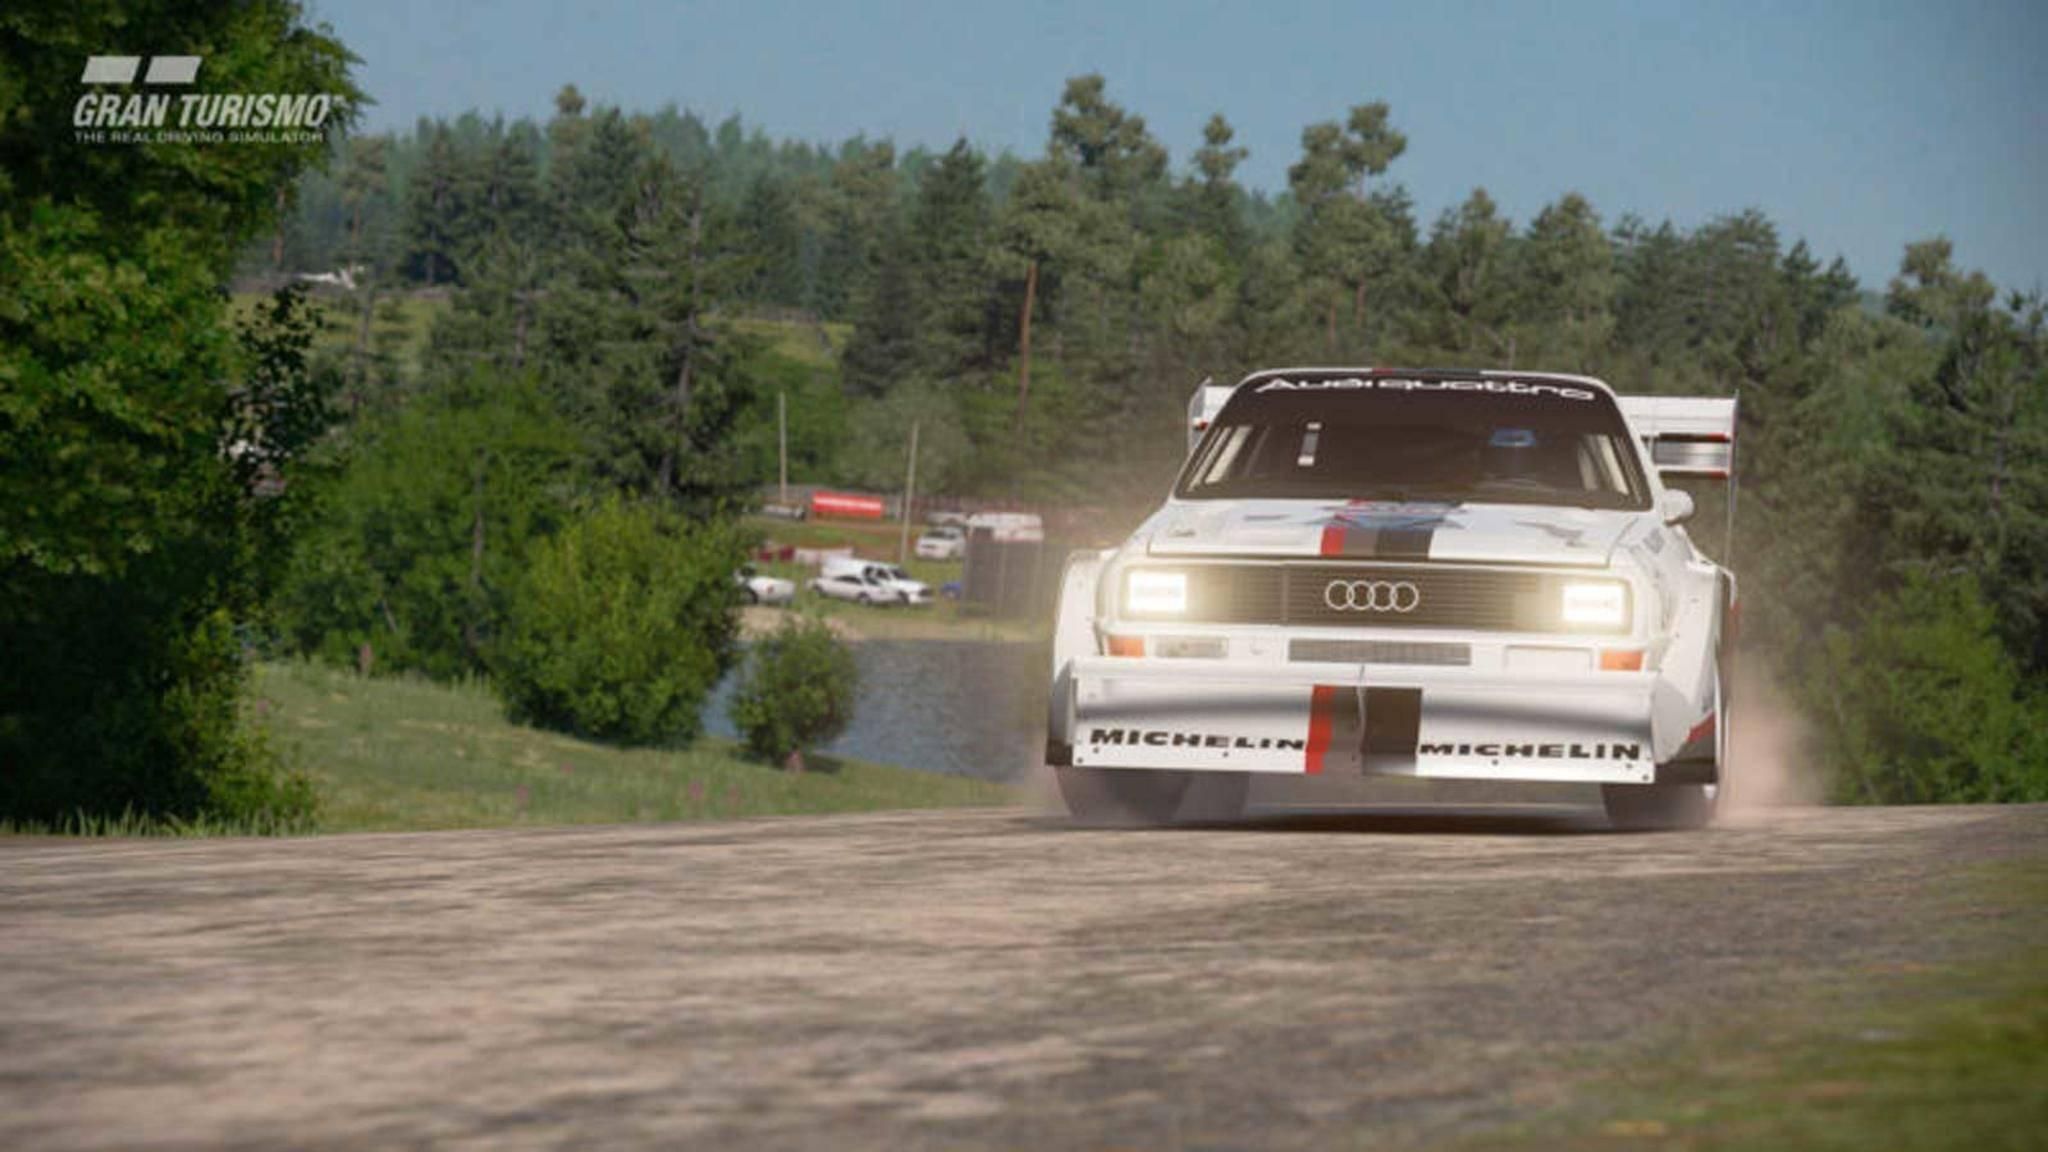 Der Audi Quattro S1 Pikes Peak ist zum ersten Mal zu sehen.